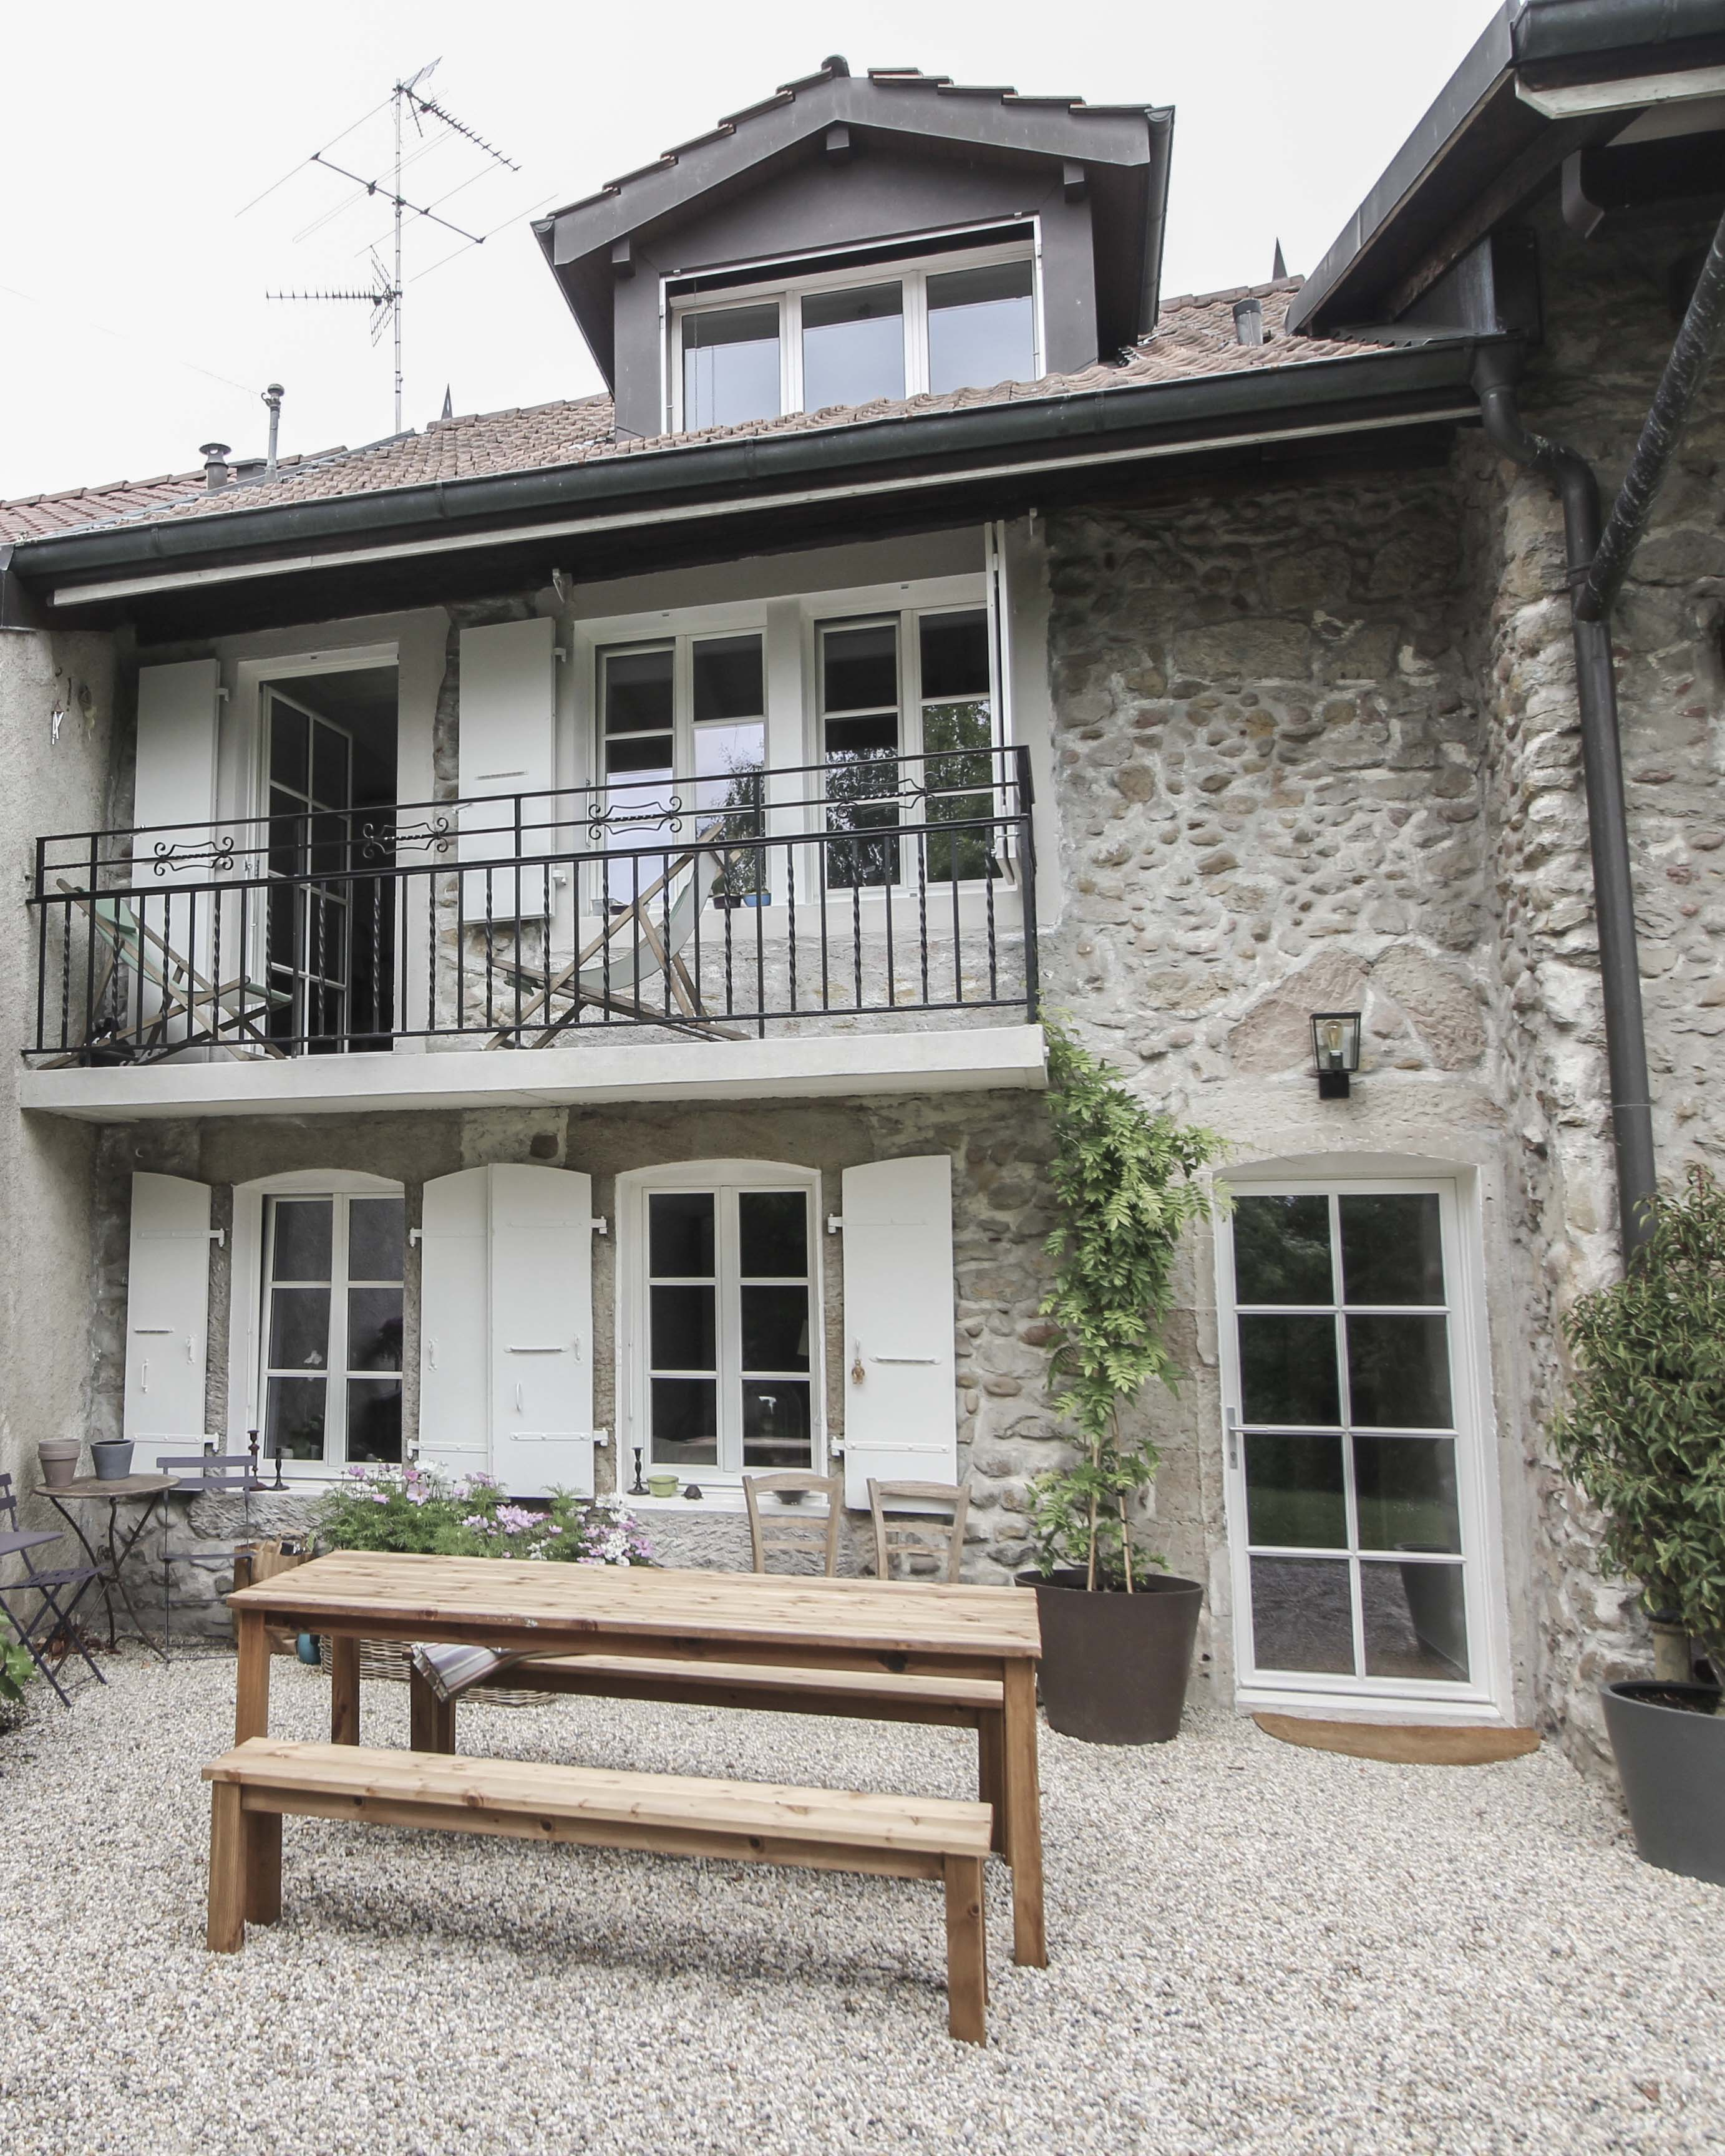 CSDK Architectes Renovation Villagehouse 5 - Rénovation d'une maison villageoise - Genève - CSDK Architectes Renovation Villagehouse 5